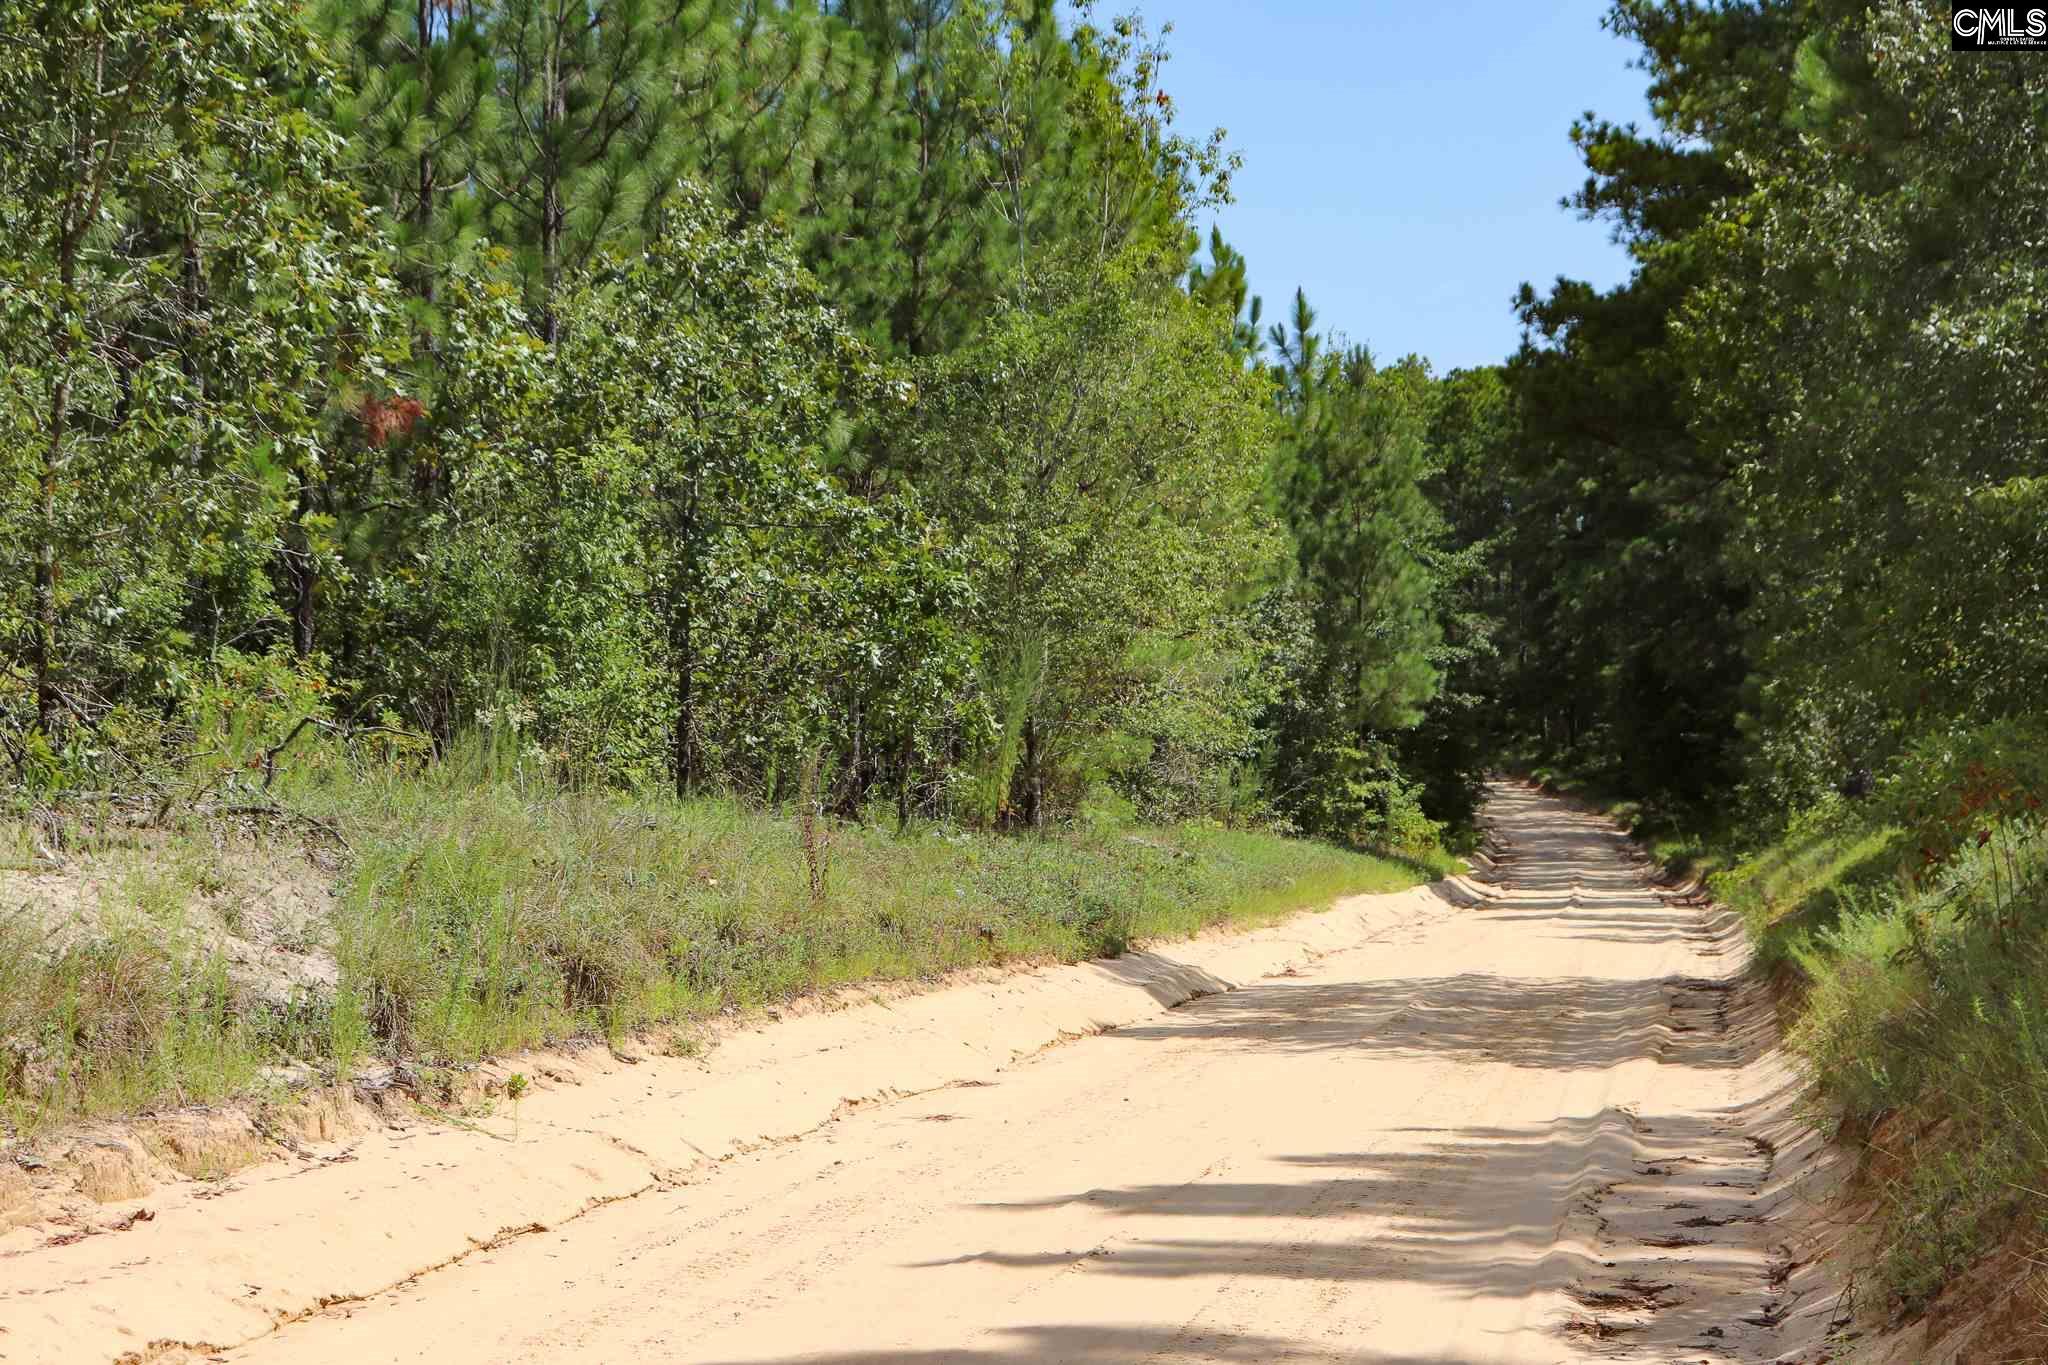 1160 Cotton Branch UNIT 5 Leesville, SC 29070